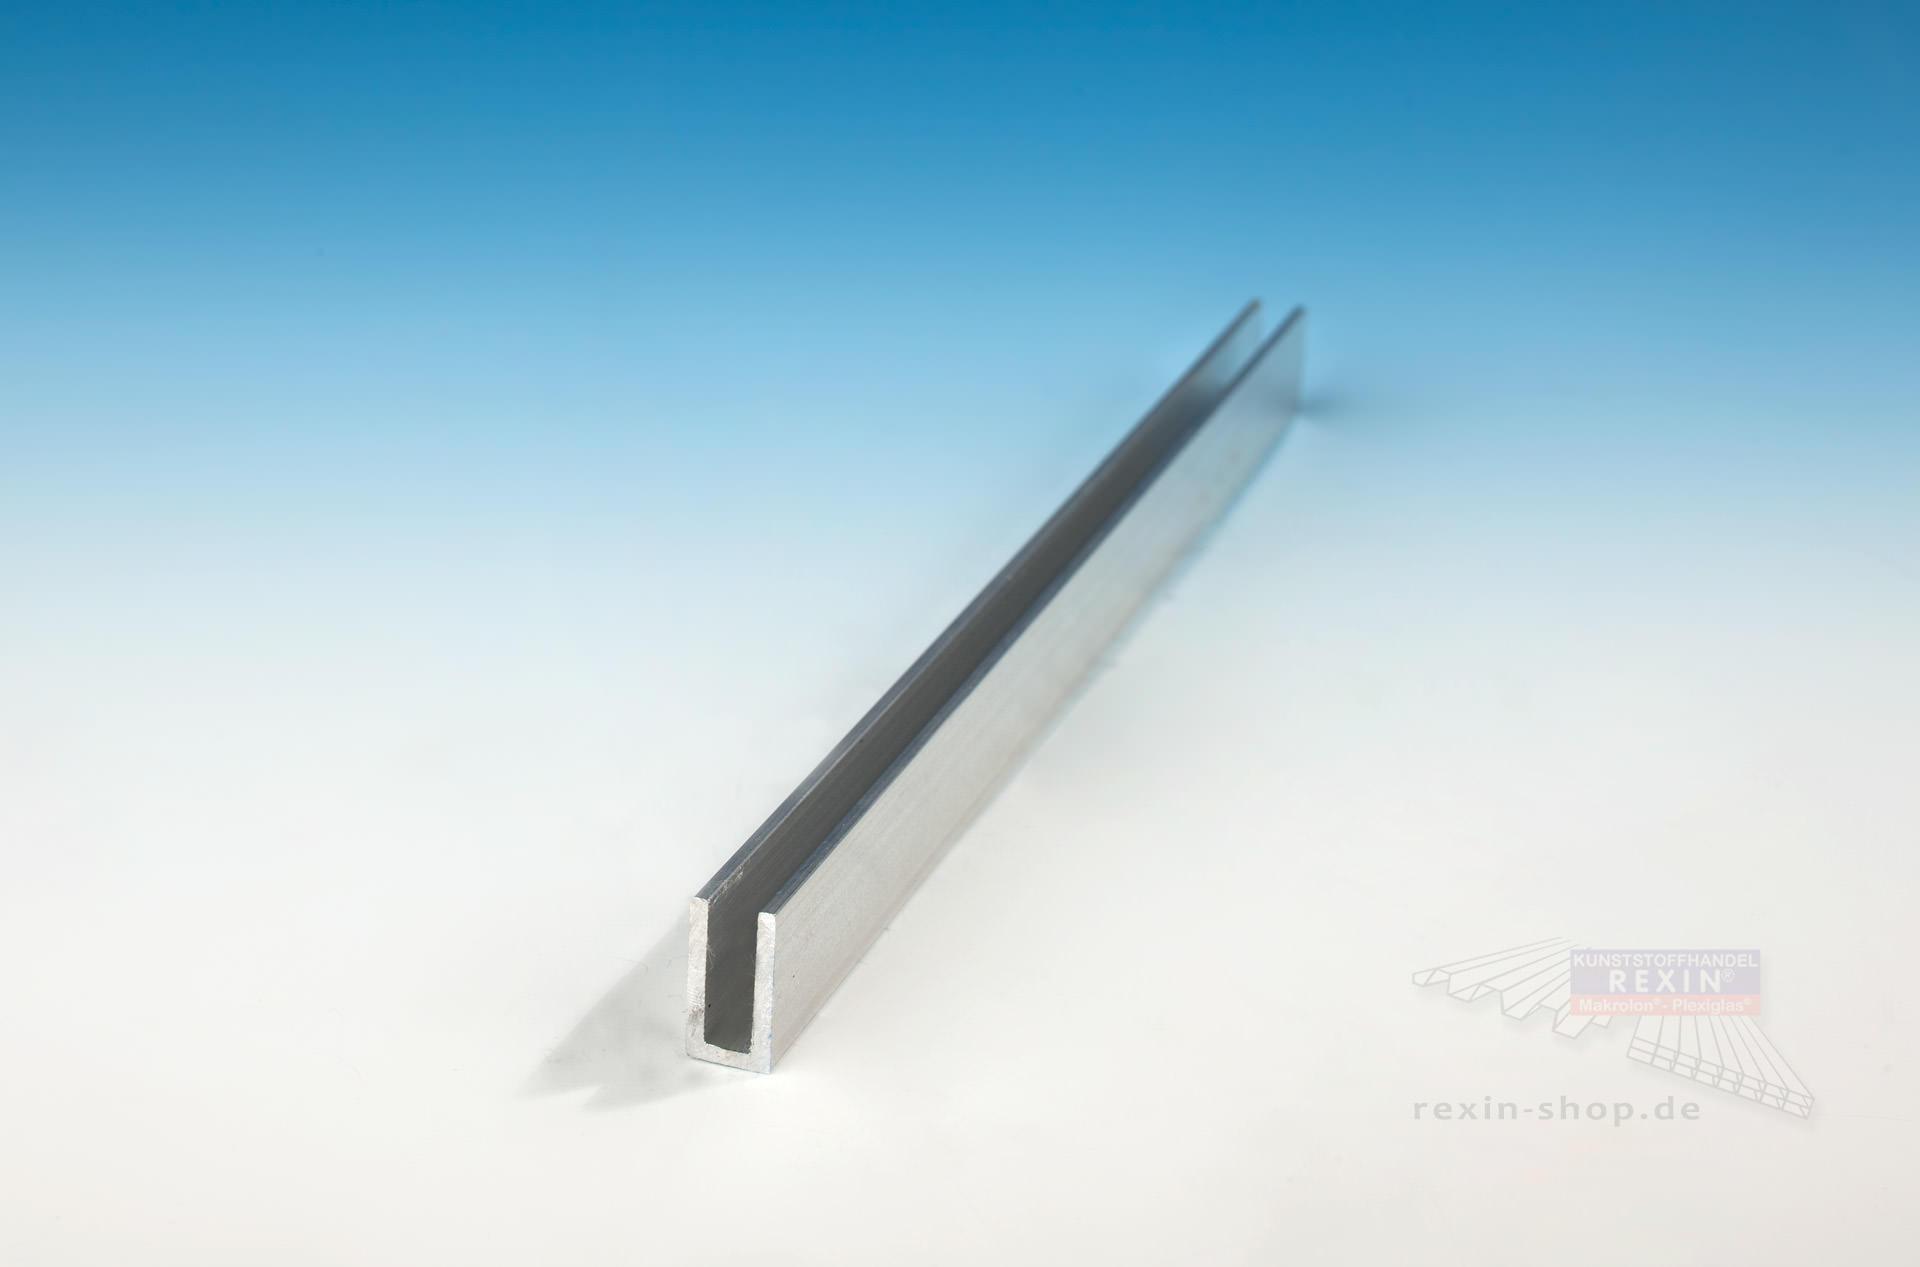 Alu U Profil Ohne Tropfkante Fur 6mm Platten Rexin Shop